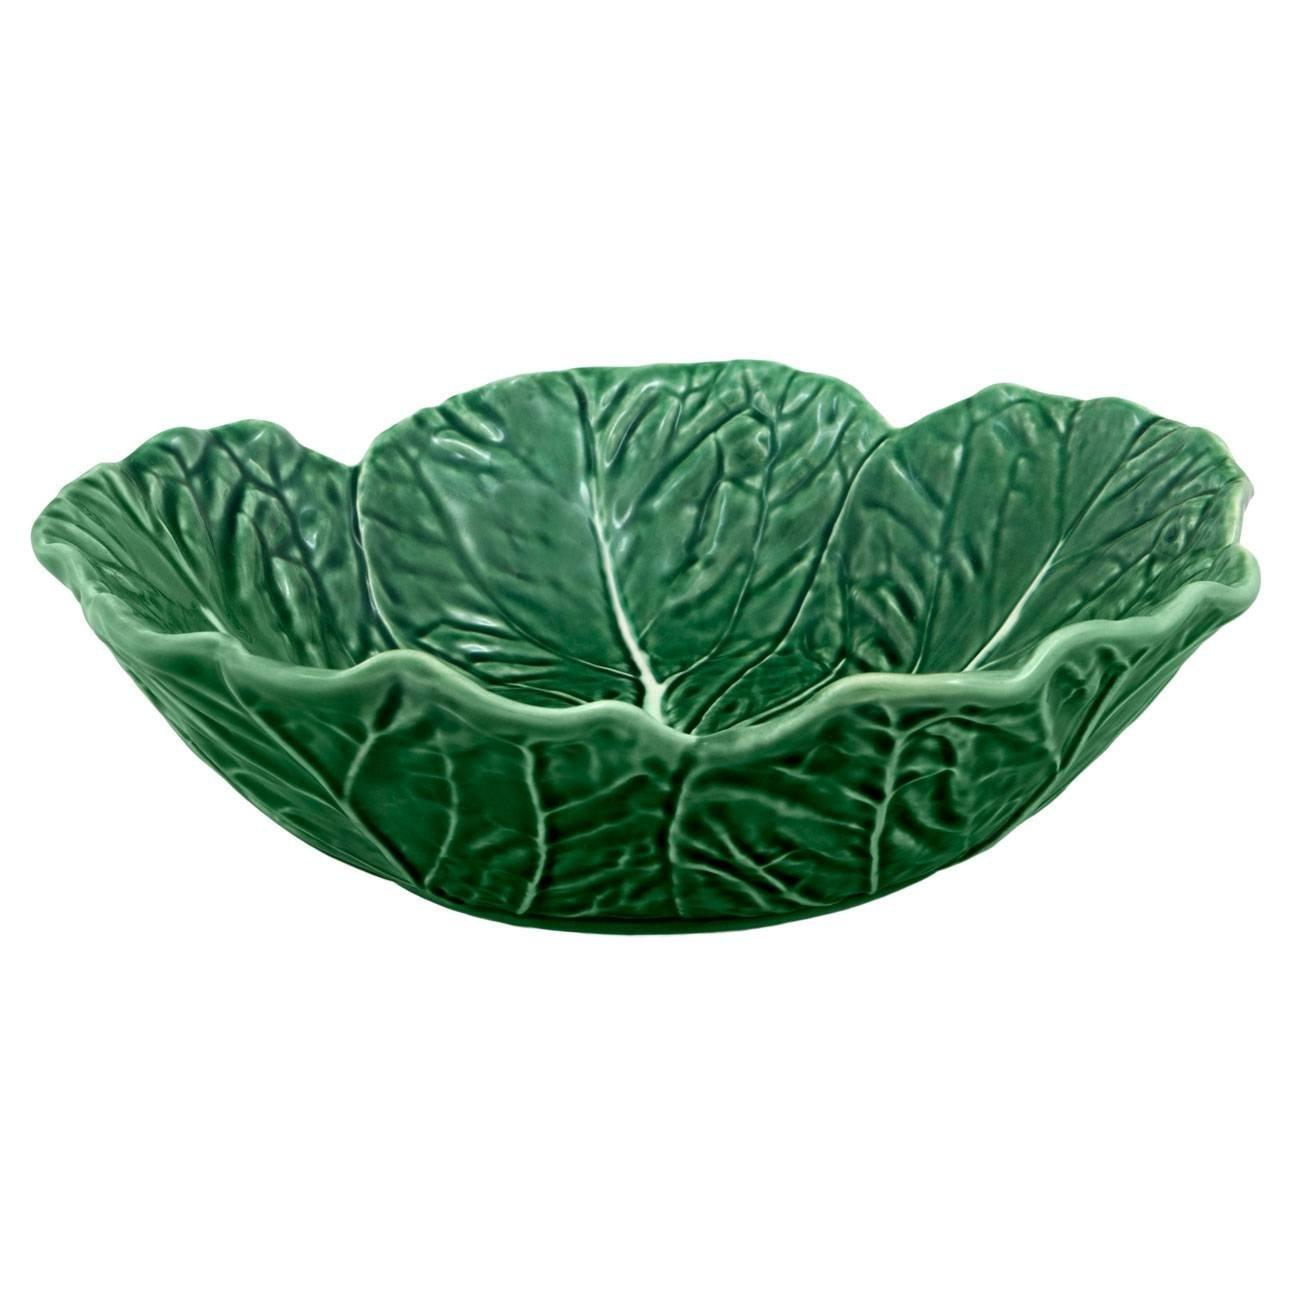 Bordallo Pinheiro Cabbage Green Cereal Bowl, Set of 4 by Bordallo Pinheiro (Image #1)